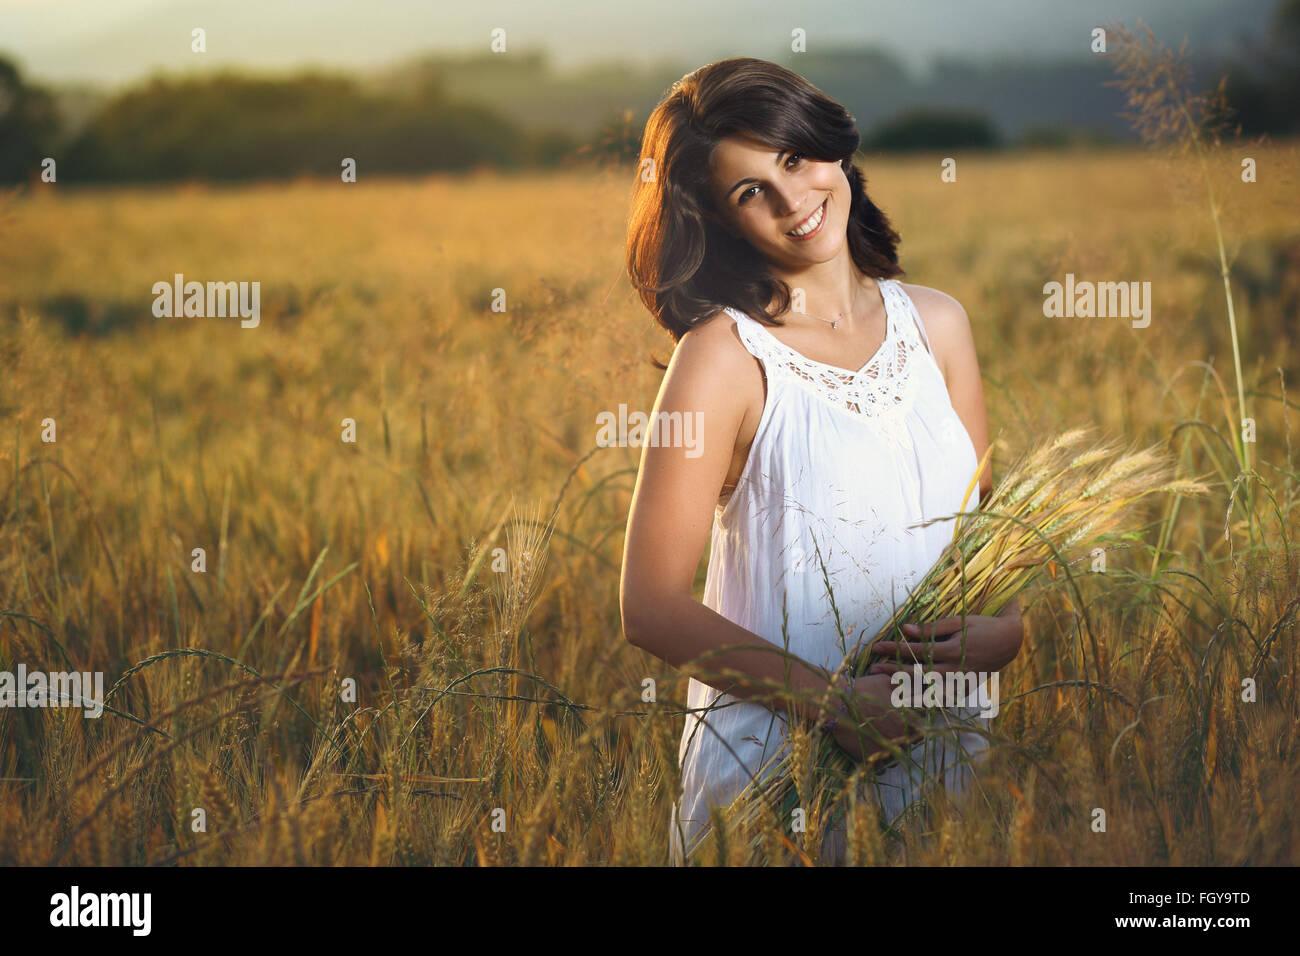 Bella Donna sorridente in un campo oro al tramonto. Stagione estiva ritratto Immagini Stock